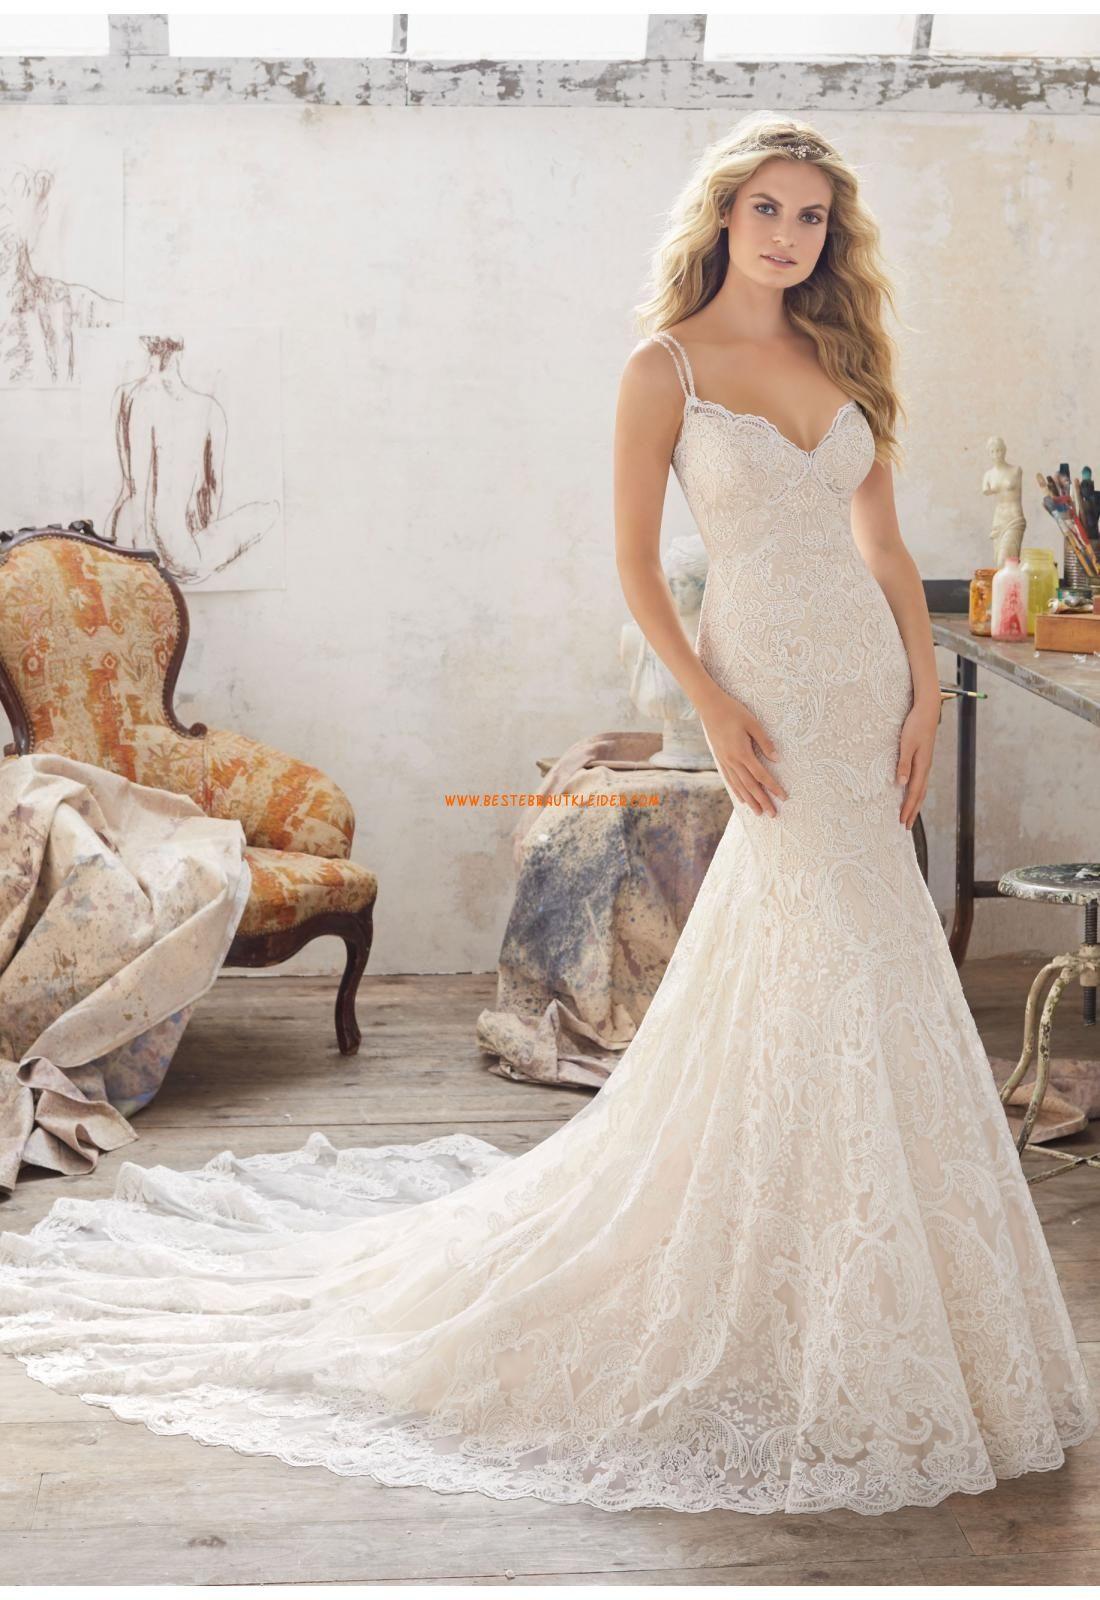 Meerjungfrau Herz-ausschnitt Rückenfreie Brautkleider aus Spitze mit ...